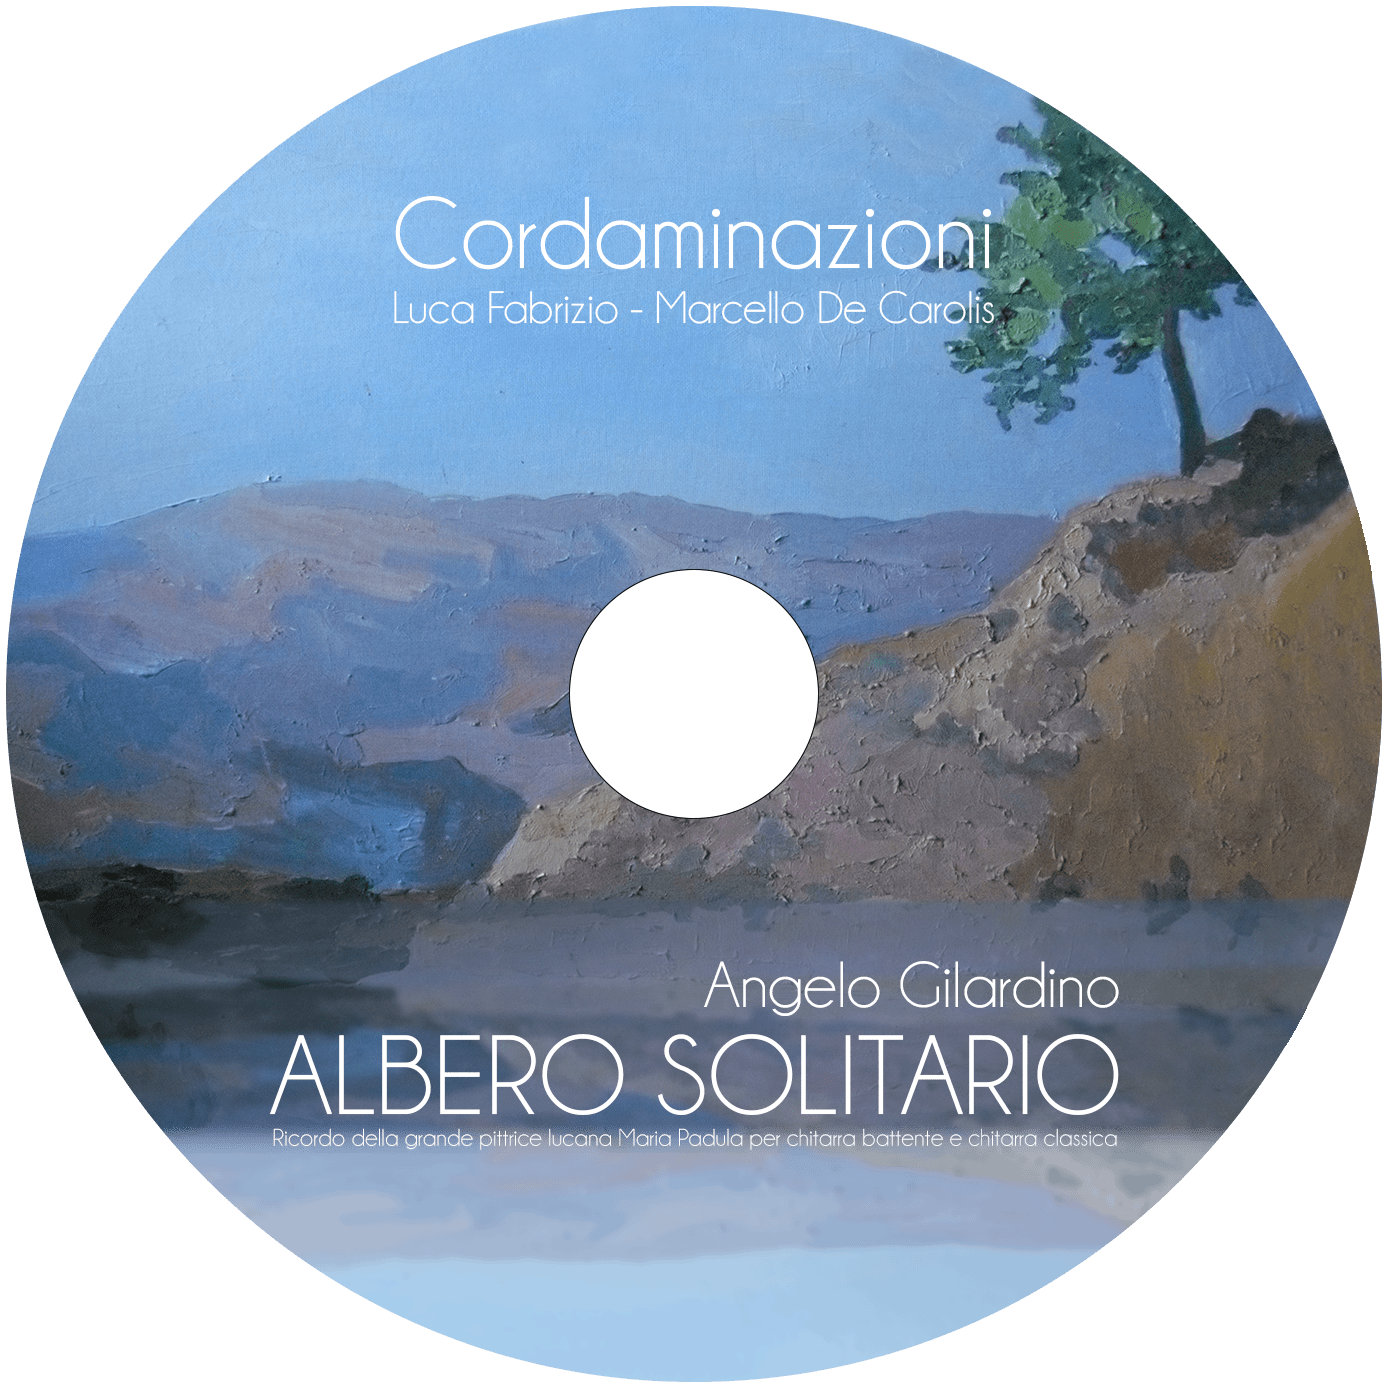 La Discografia di Marcello de Carolis: chitarrista specializzato in Chitarra Classica e Chitarra Battente: Album albero Solitario e Album Cordaminazioni